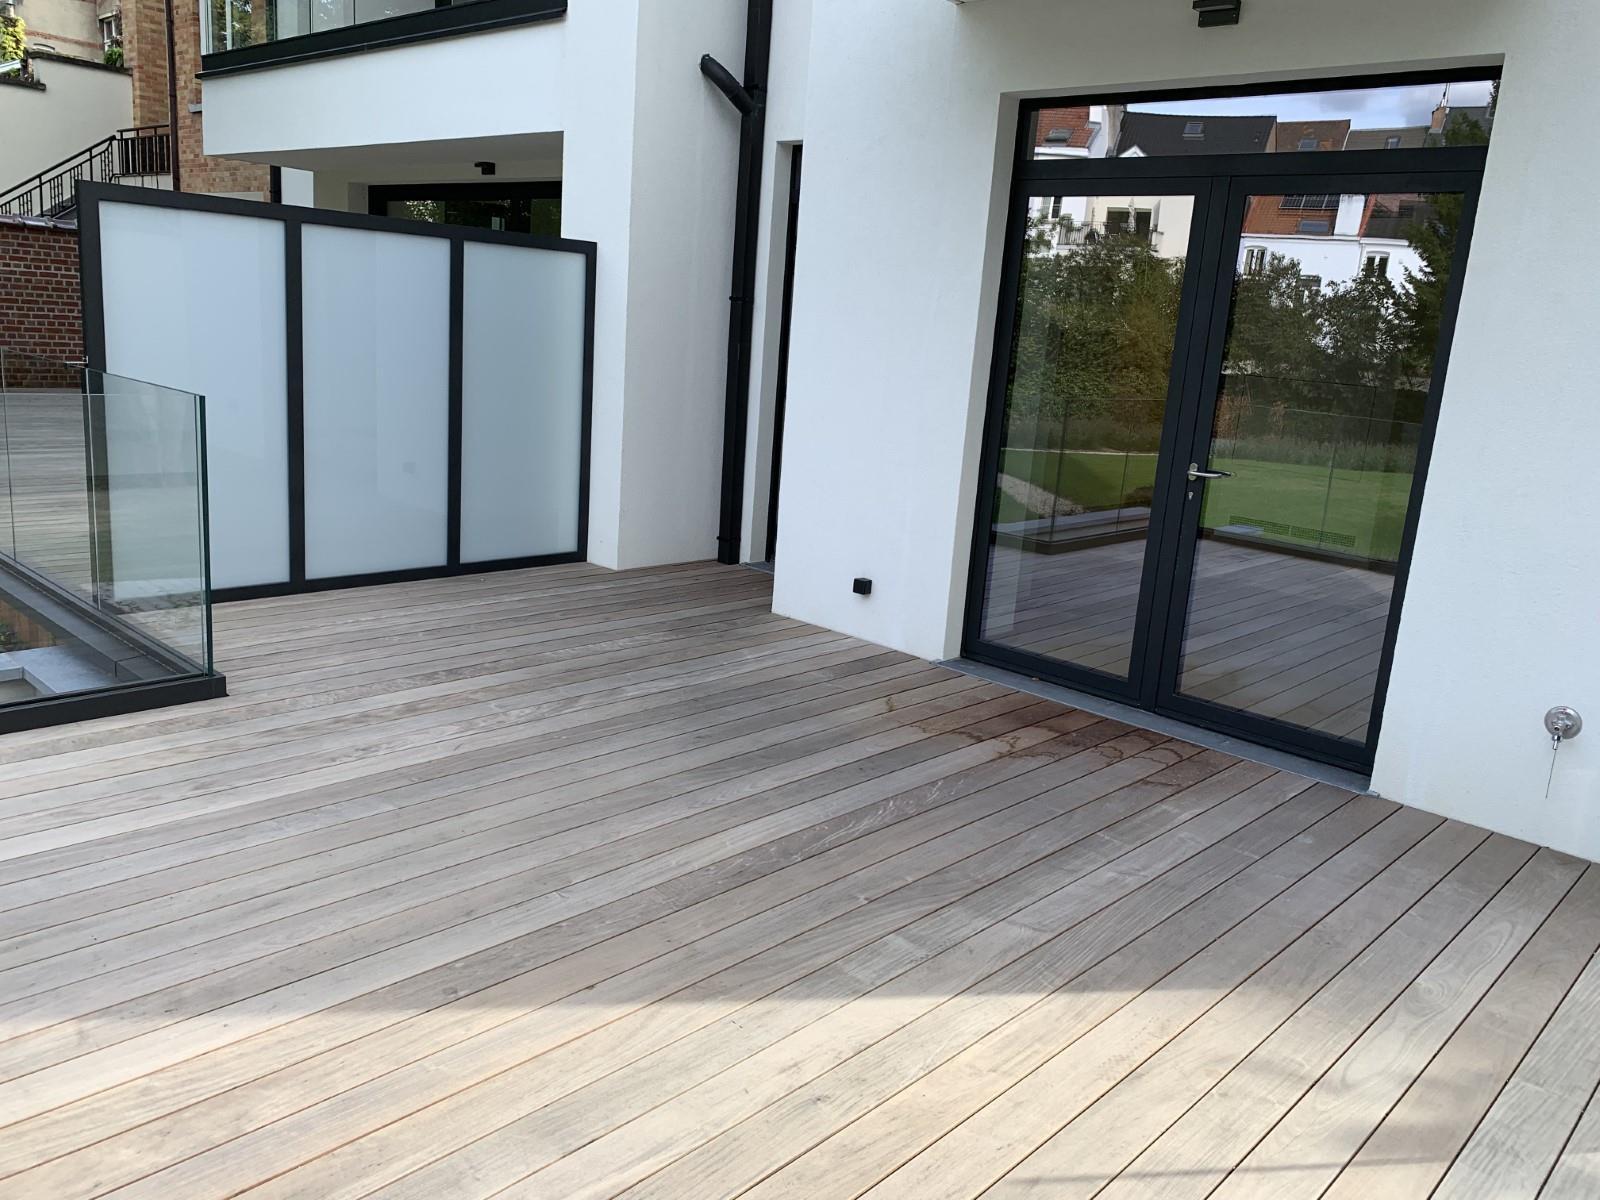 Appartement exceptionnel - Ixelles - #3929627-4